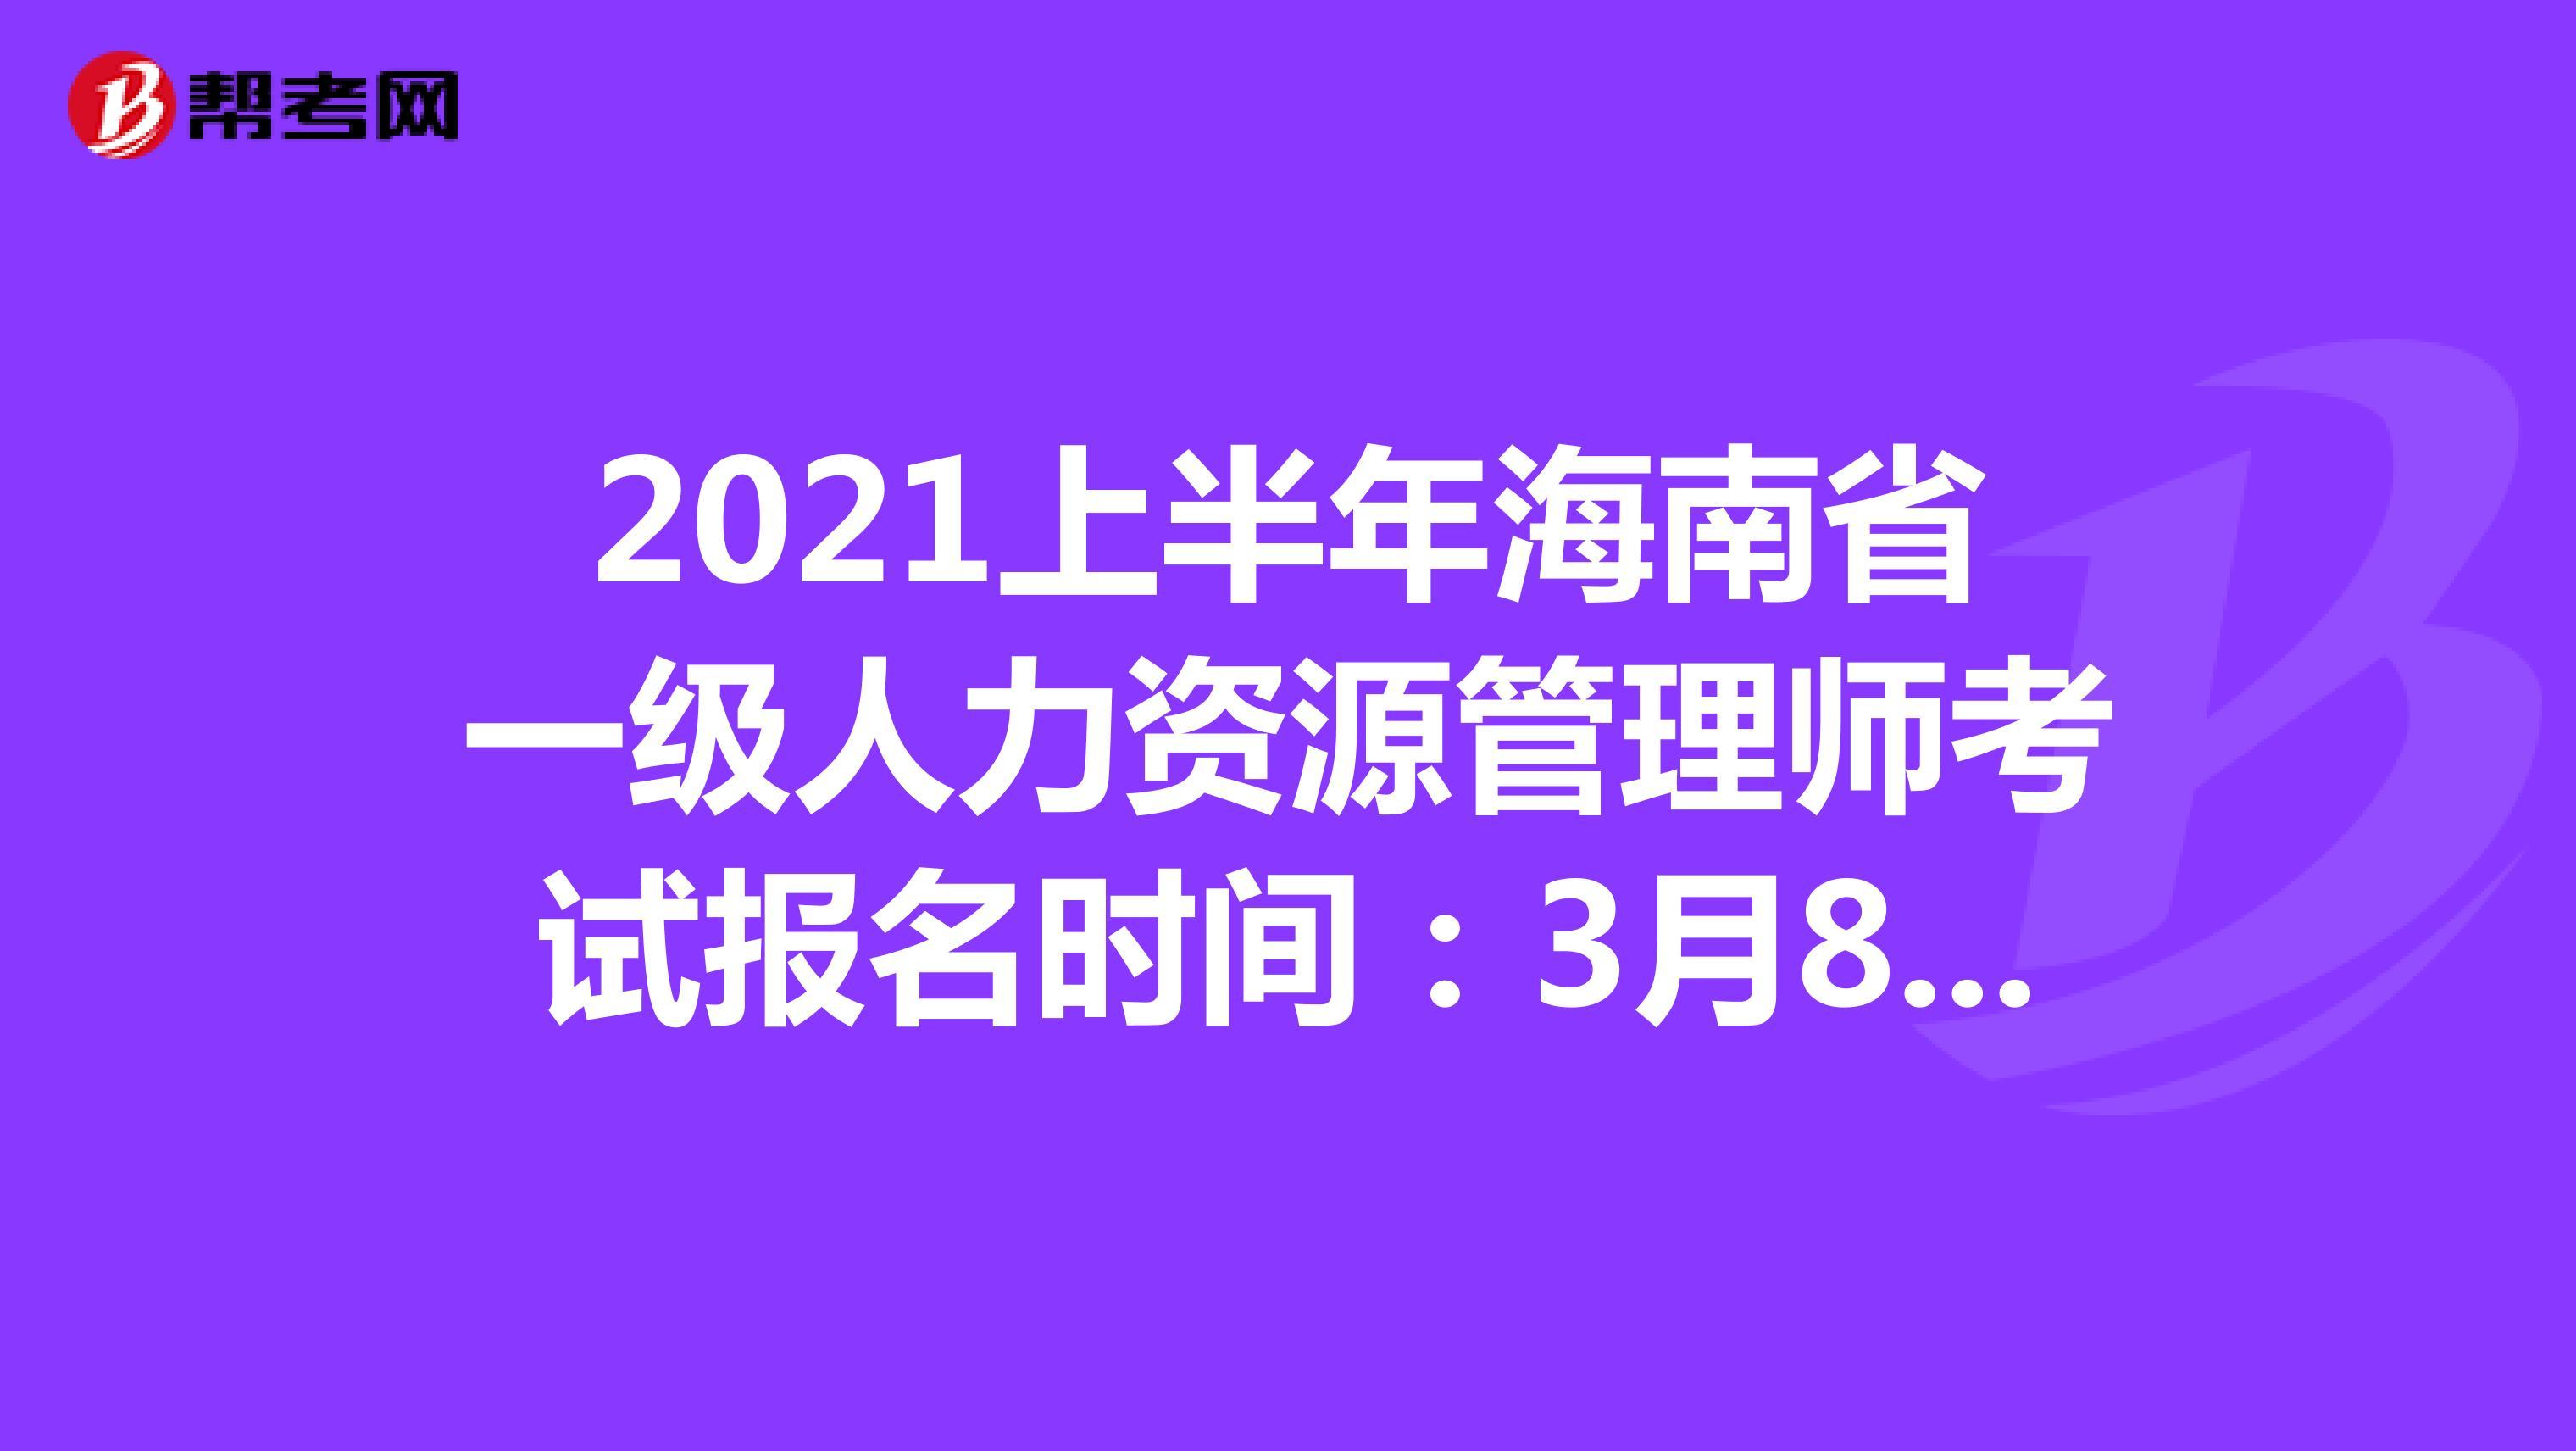 2021上半年海南省一级人力资源管理师考试报名时间:3月8日-3月31日